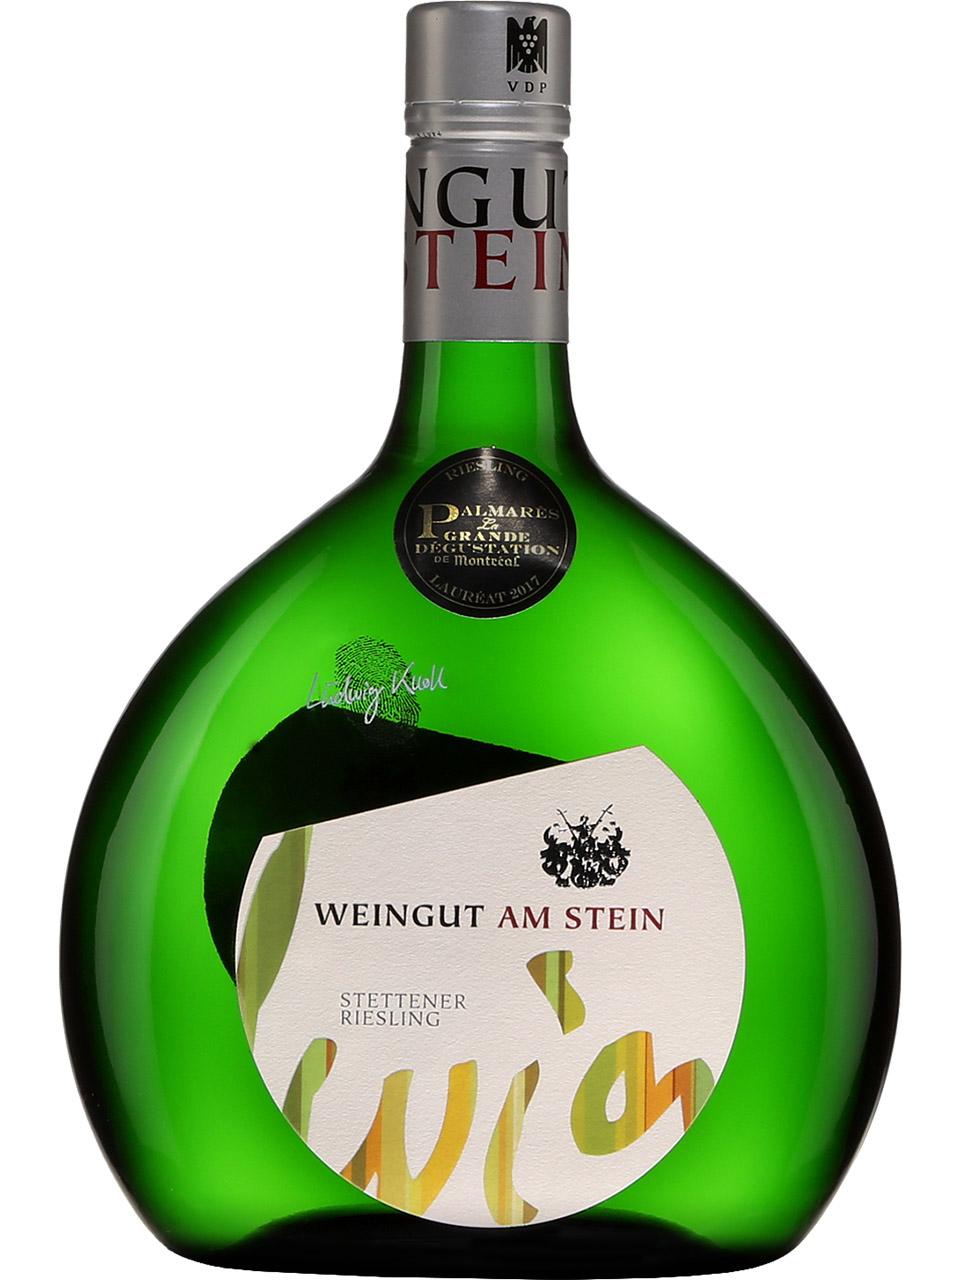 Weingut am Stein Stettener Riesling